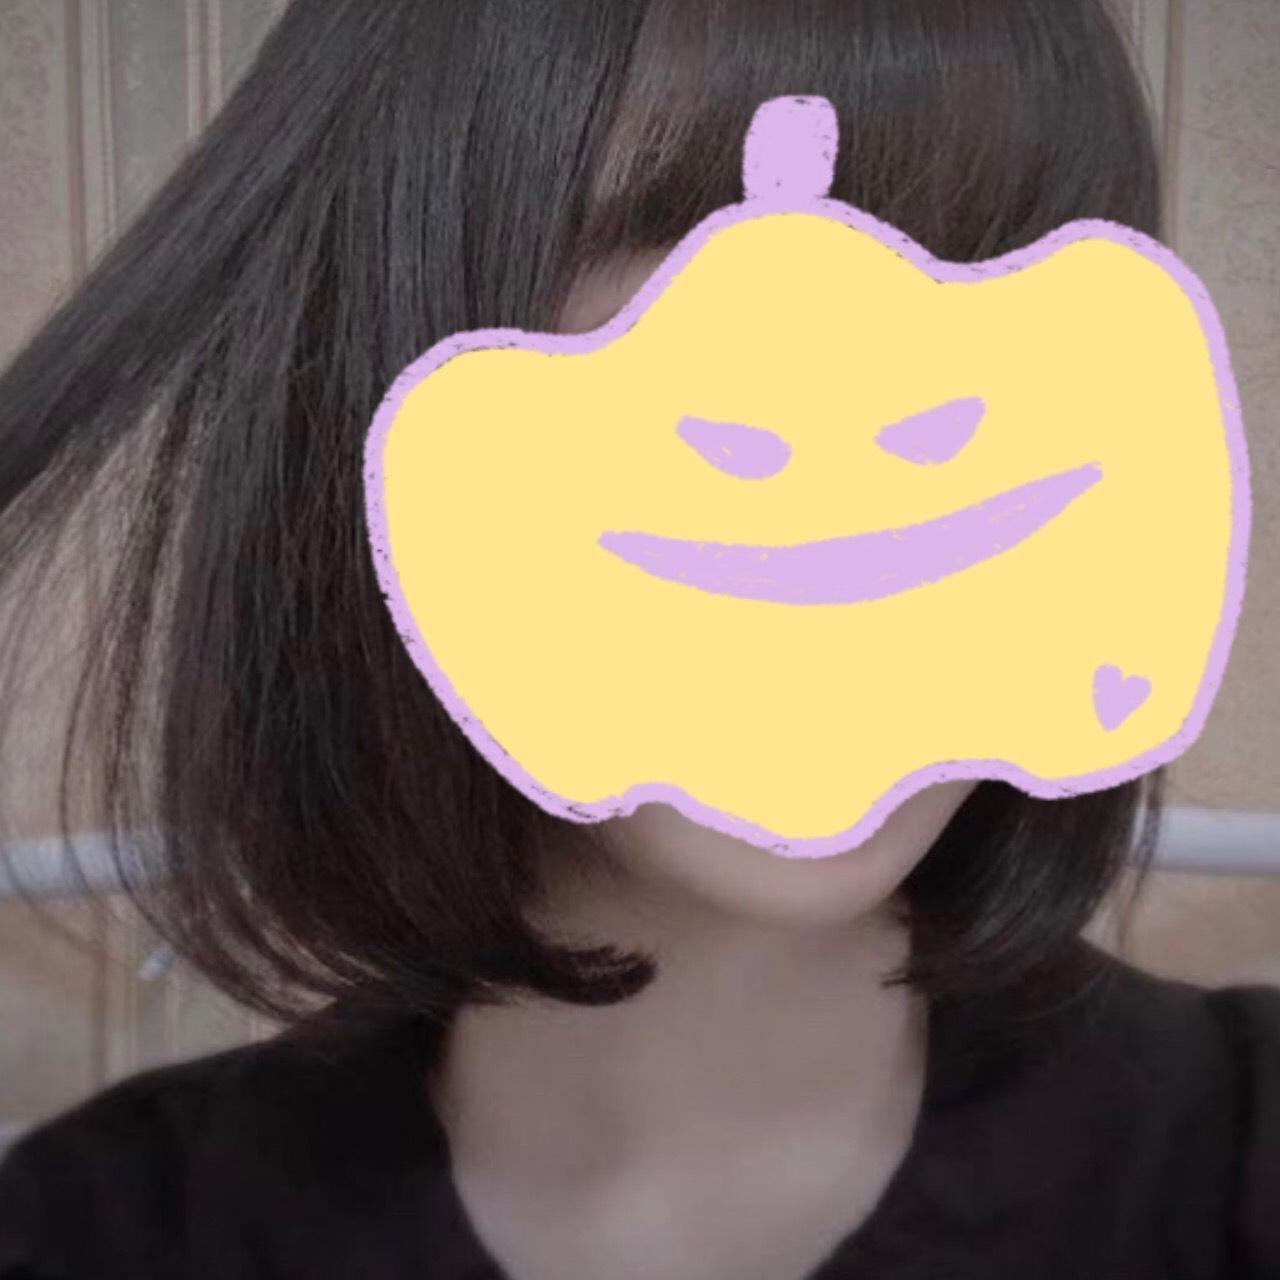 「気候」10/19(金) 21:51 | みほの写メ・風俗動画